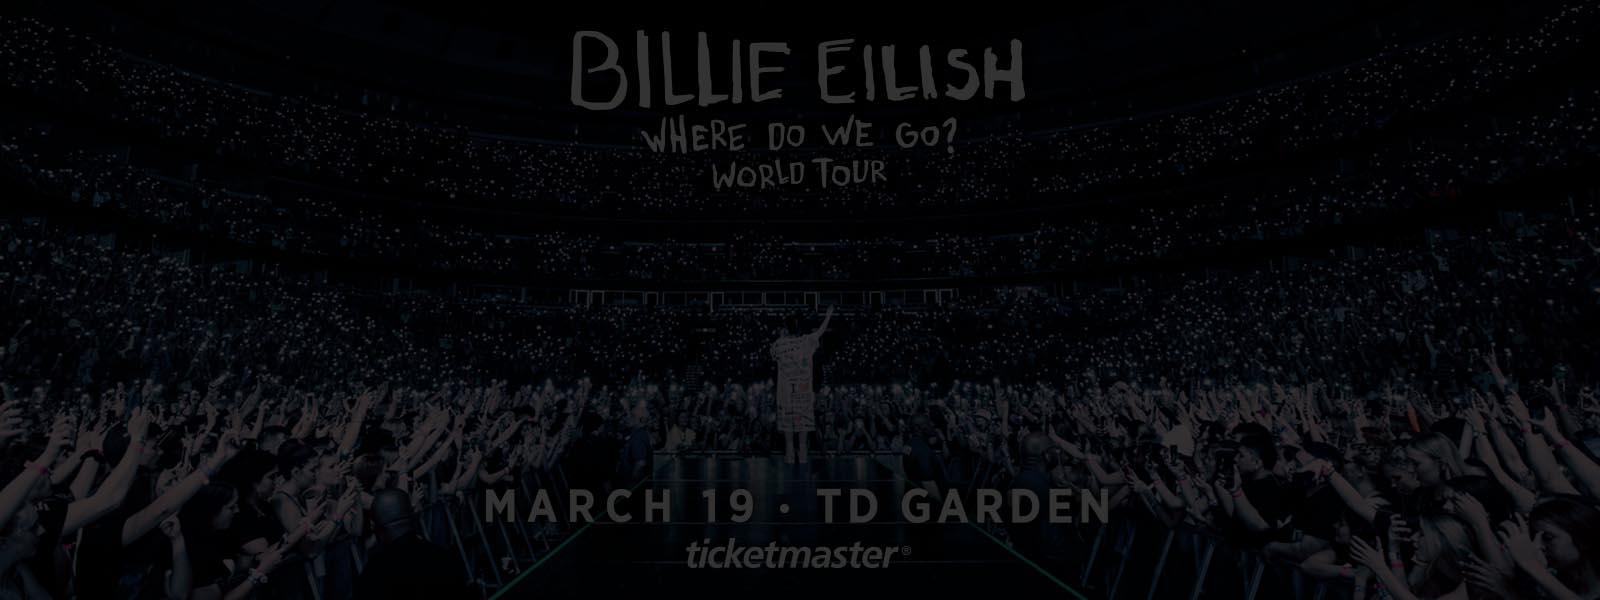 Billie Eilish - Postponed